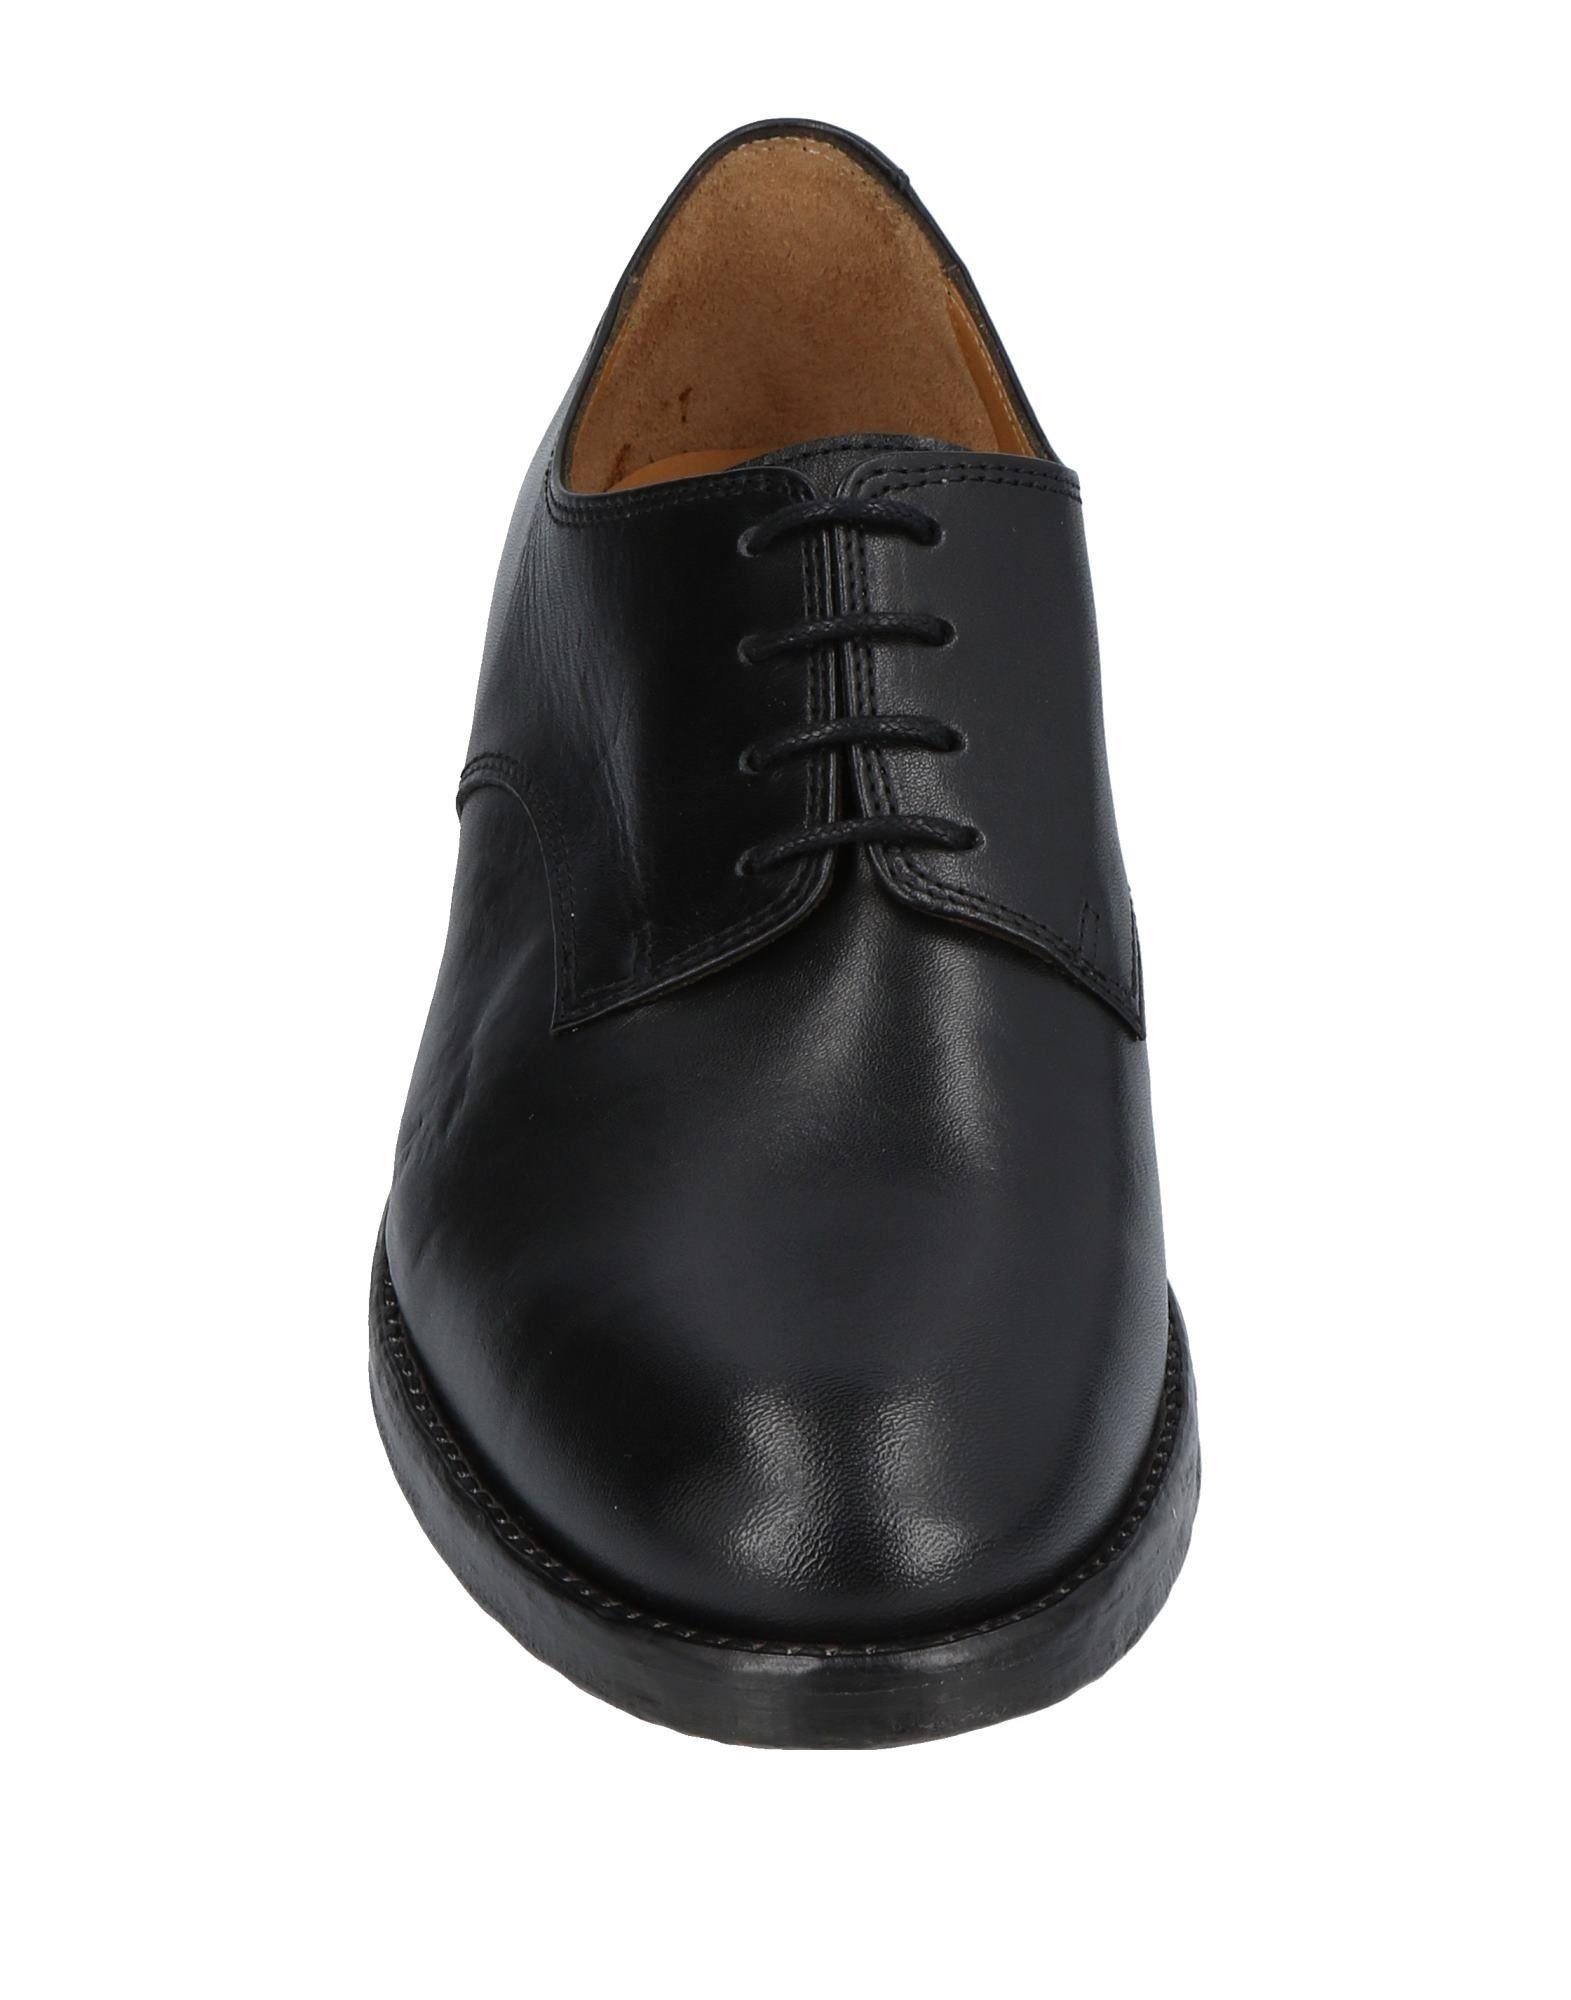 CHAUSSURES - Chaussures à lacetsRoyal Republiq qVxz0ZHnFs